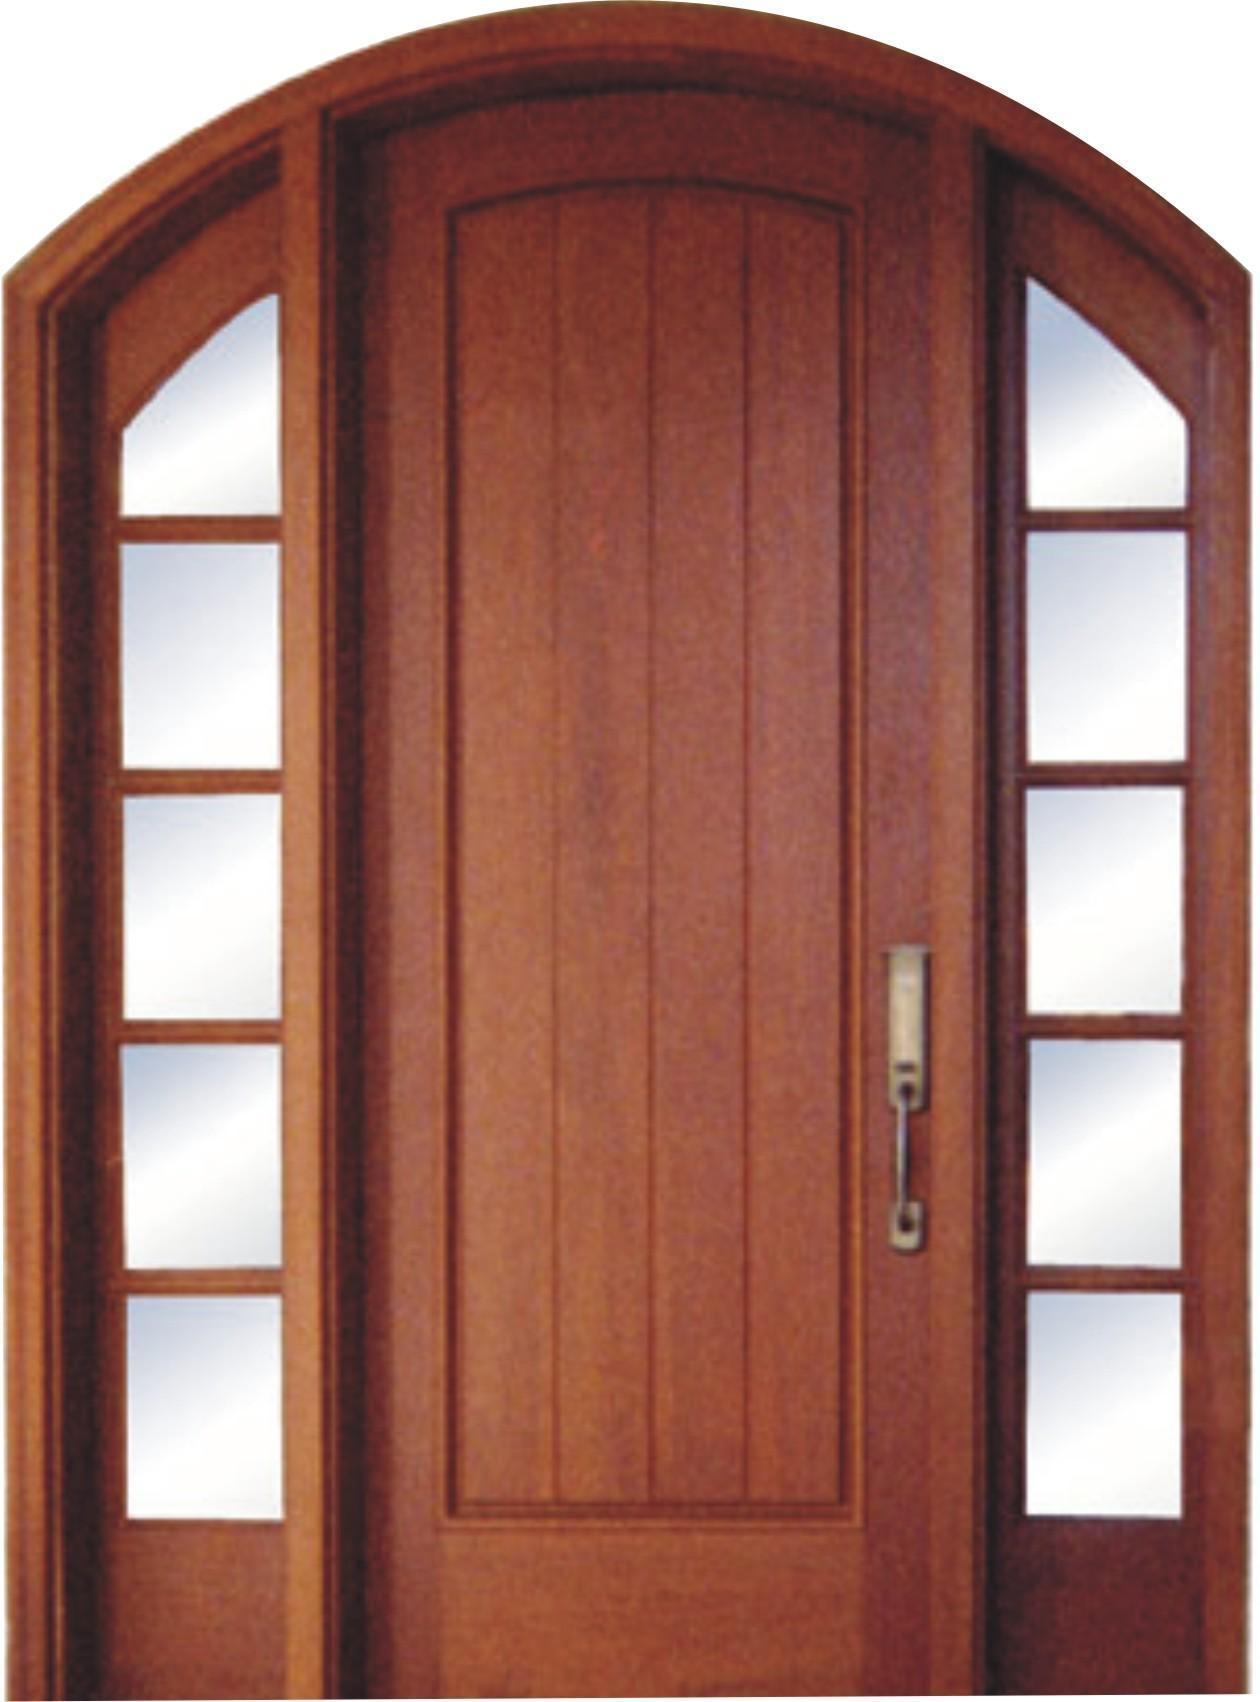 Puerta de entrada - Fotos para puertas ...